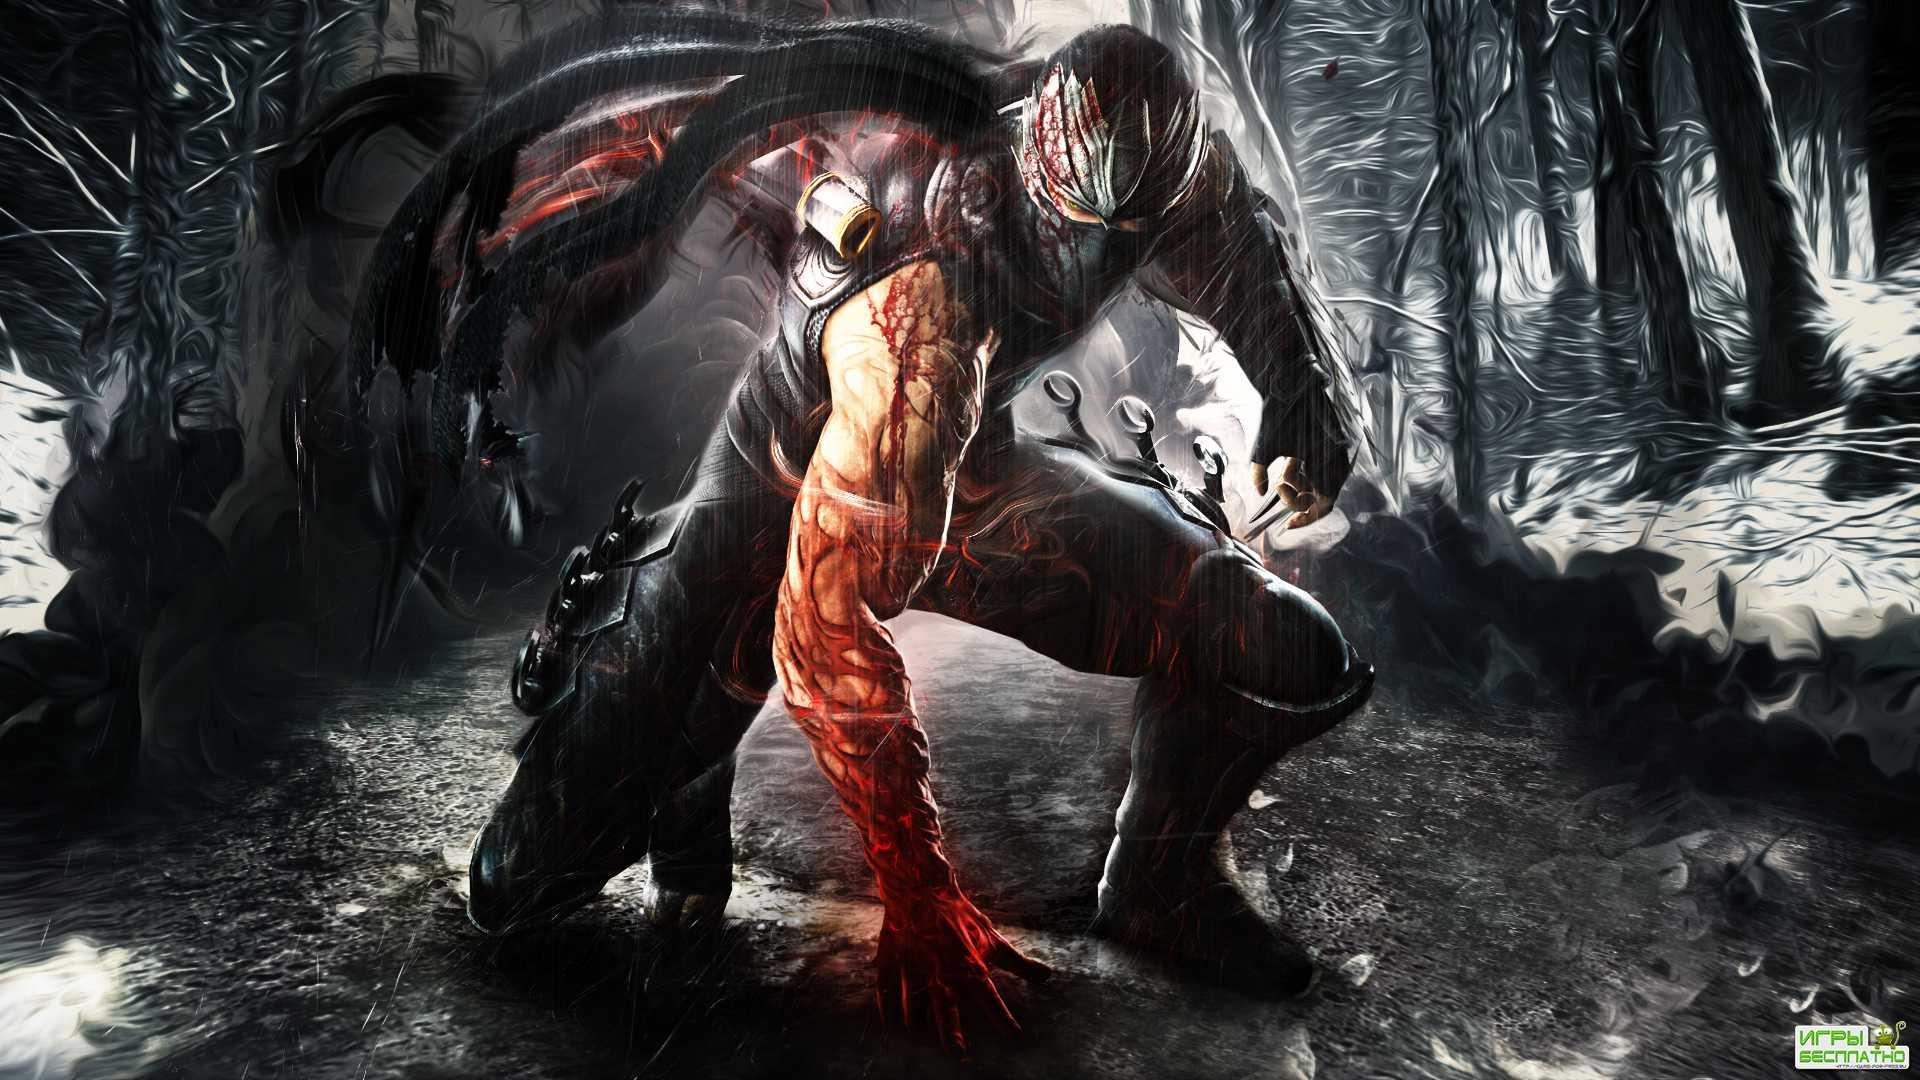 Новый проект, связанный с серией Ninja Gaiden находится в разработке